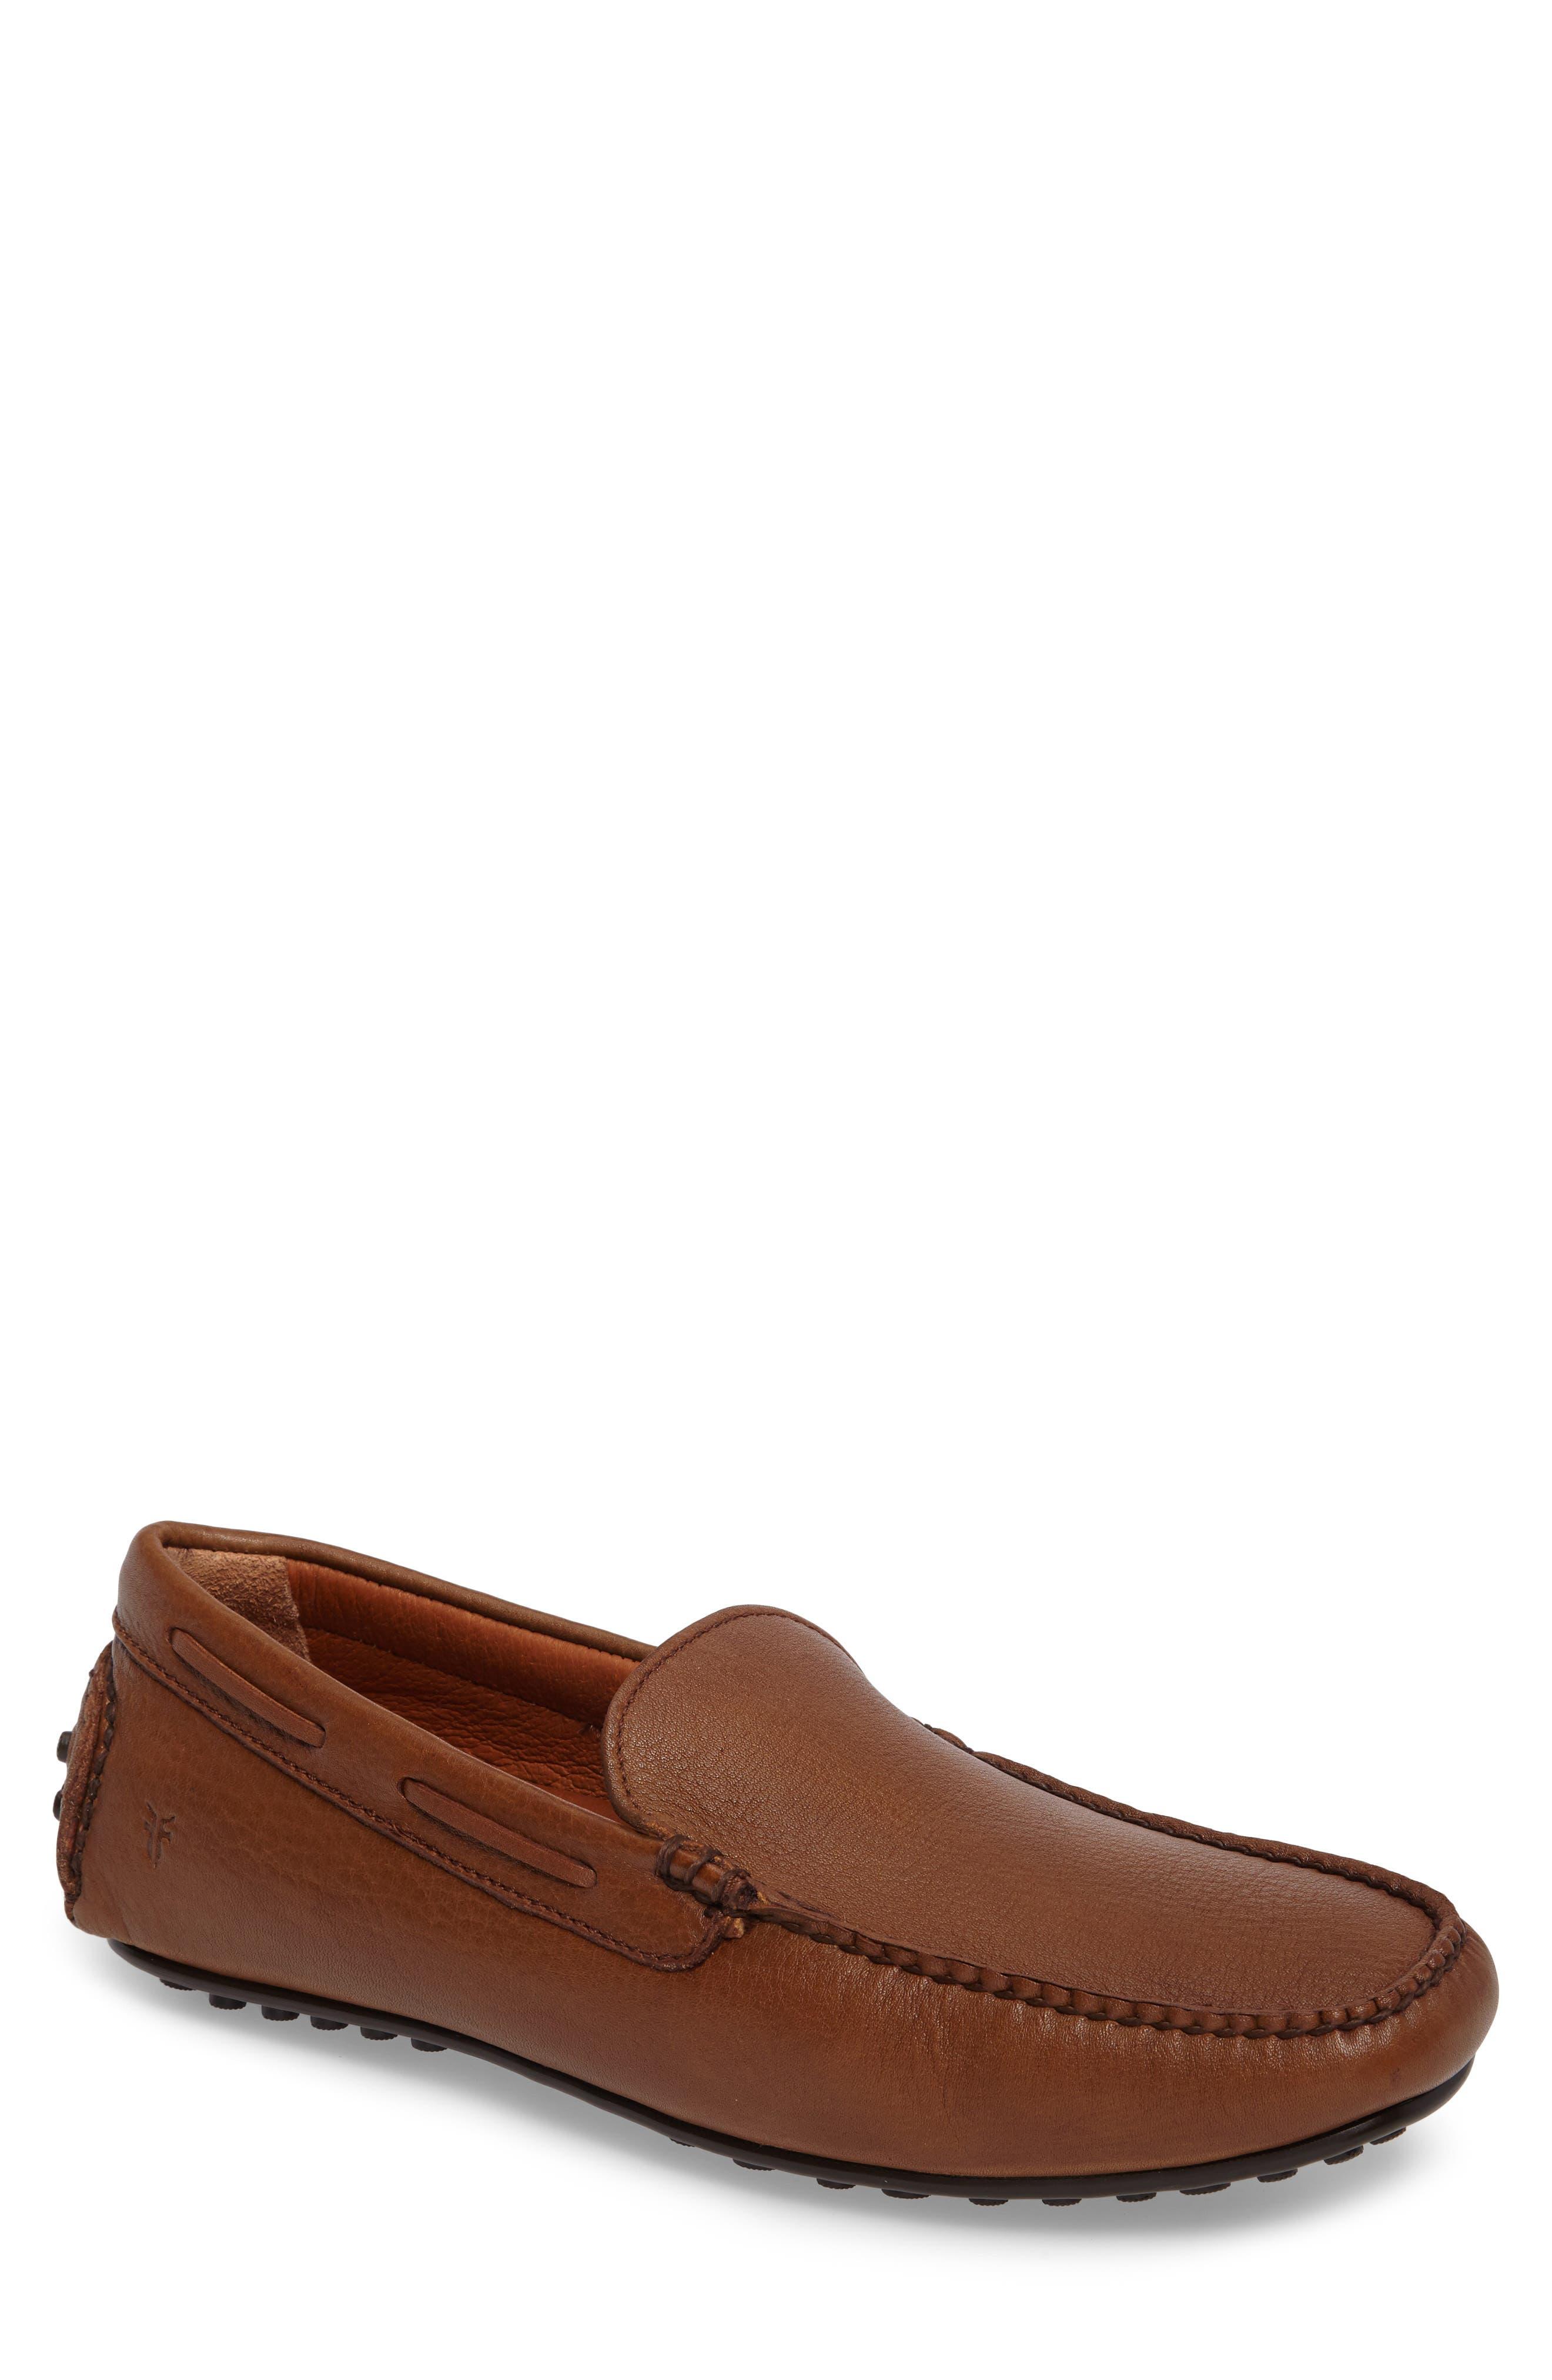 Allen Driving Shoe,                             Main thumbnail 1, color,                             Cognac